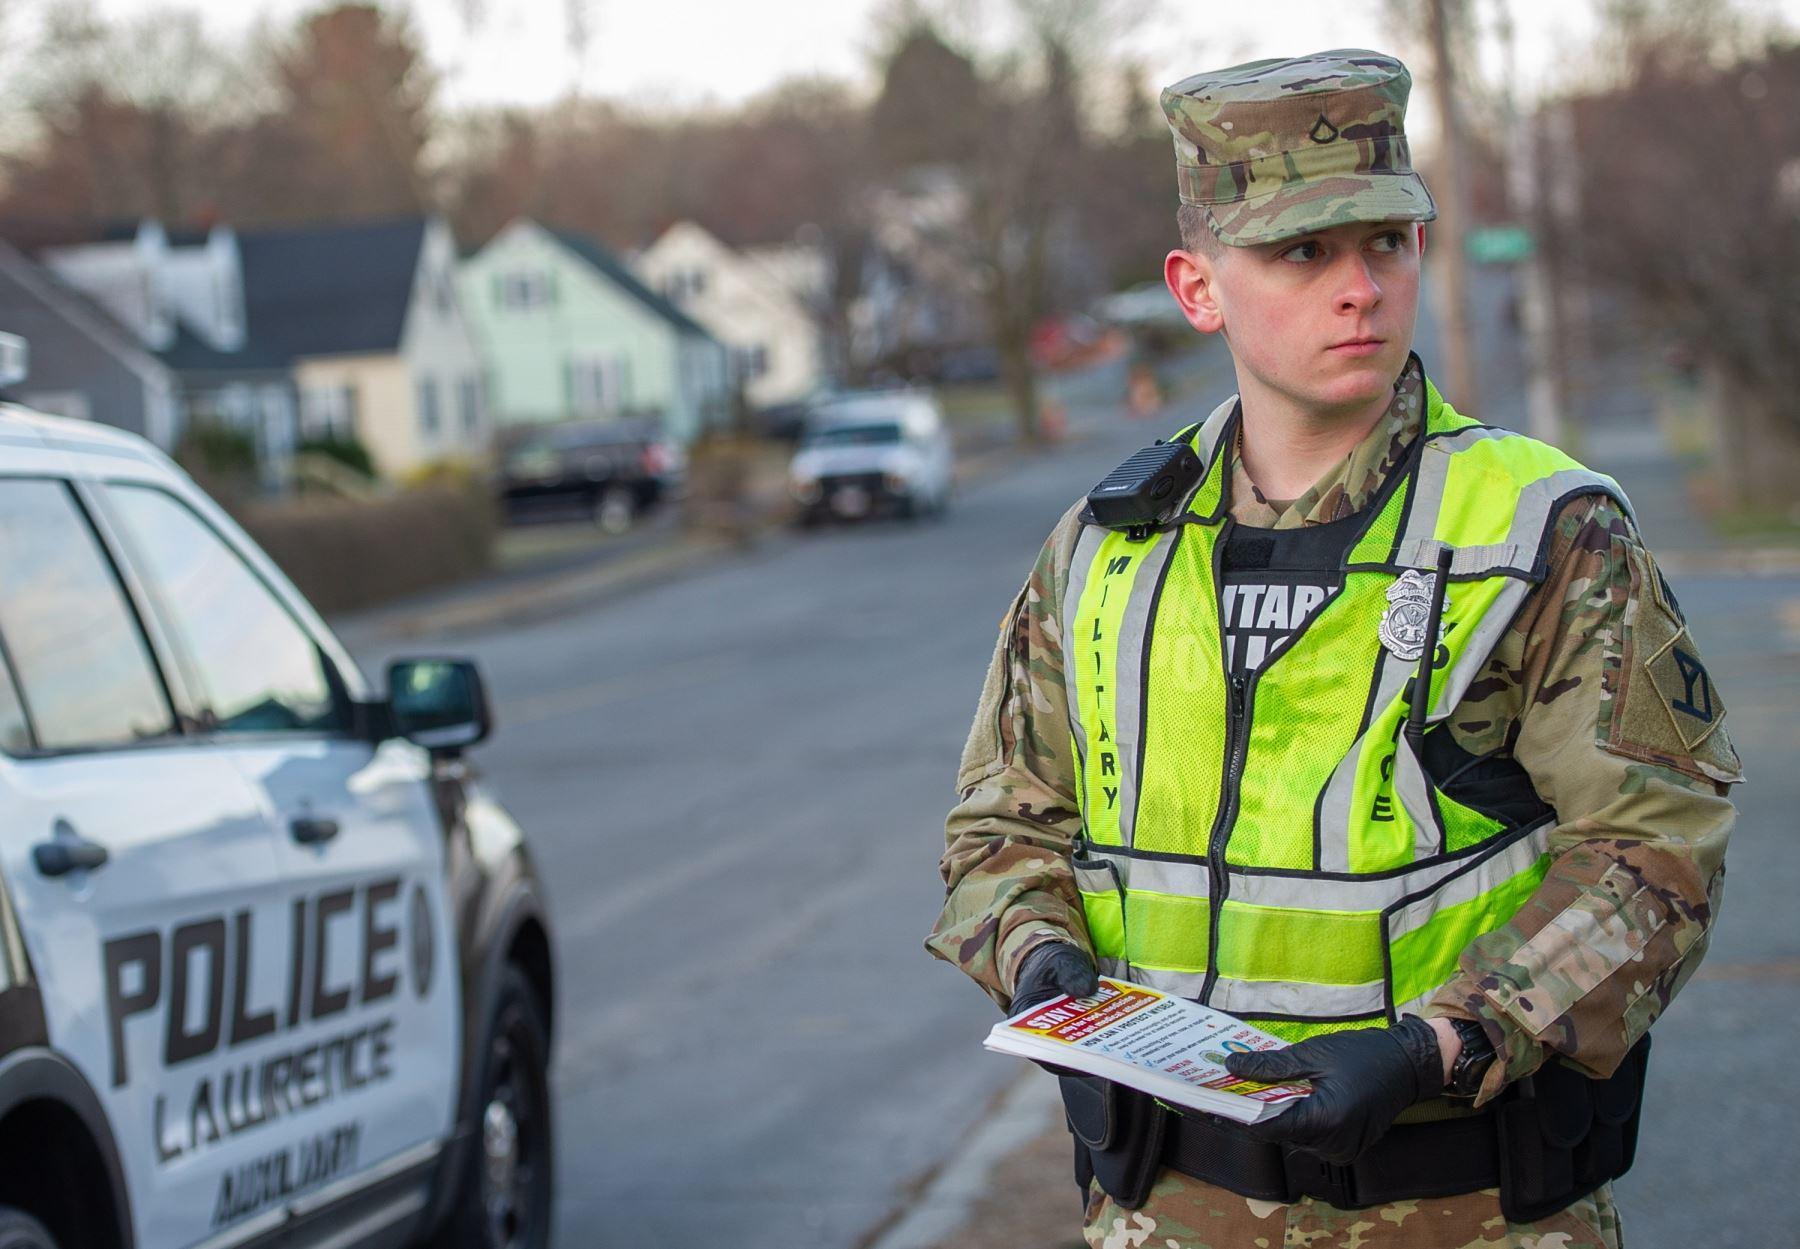 Las tropas de la Guardia Nacional de Massachusetts, junto con funcionarios de la policía local y estatal, distribuyen volantes que describen la necesidad de quedarse en casa, distancia social y lavarse las manos en un esfuerzo por limitar la propagación del coronavirus EE. UU. Foto: EFE